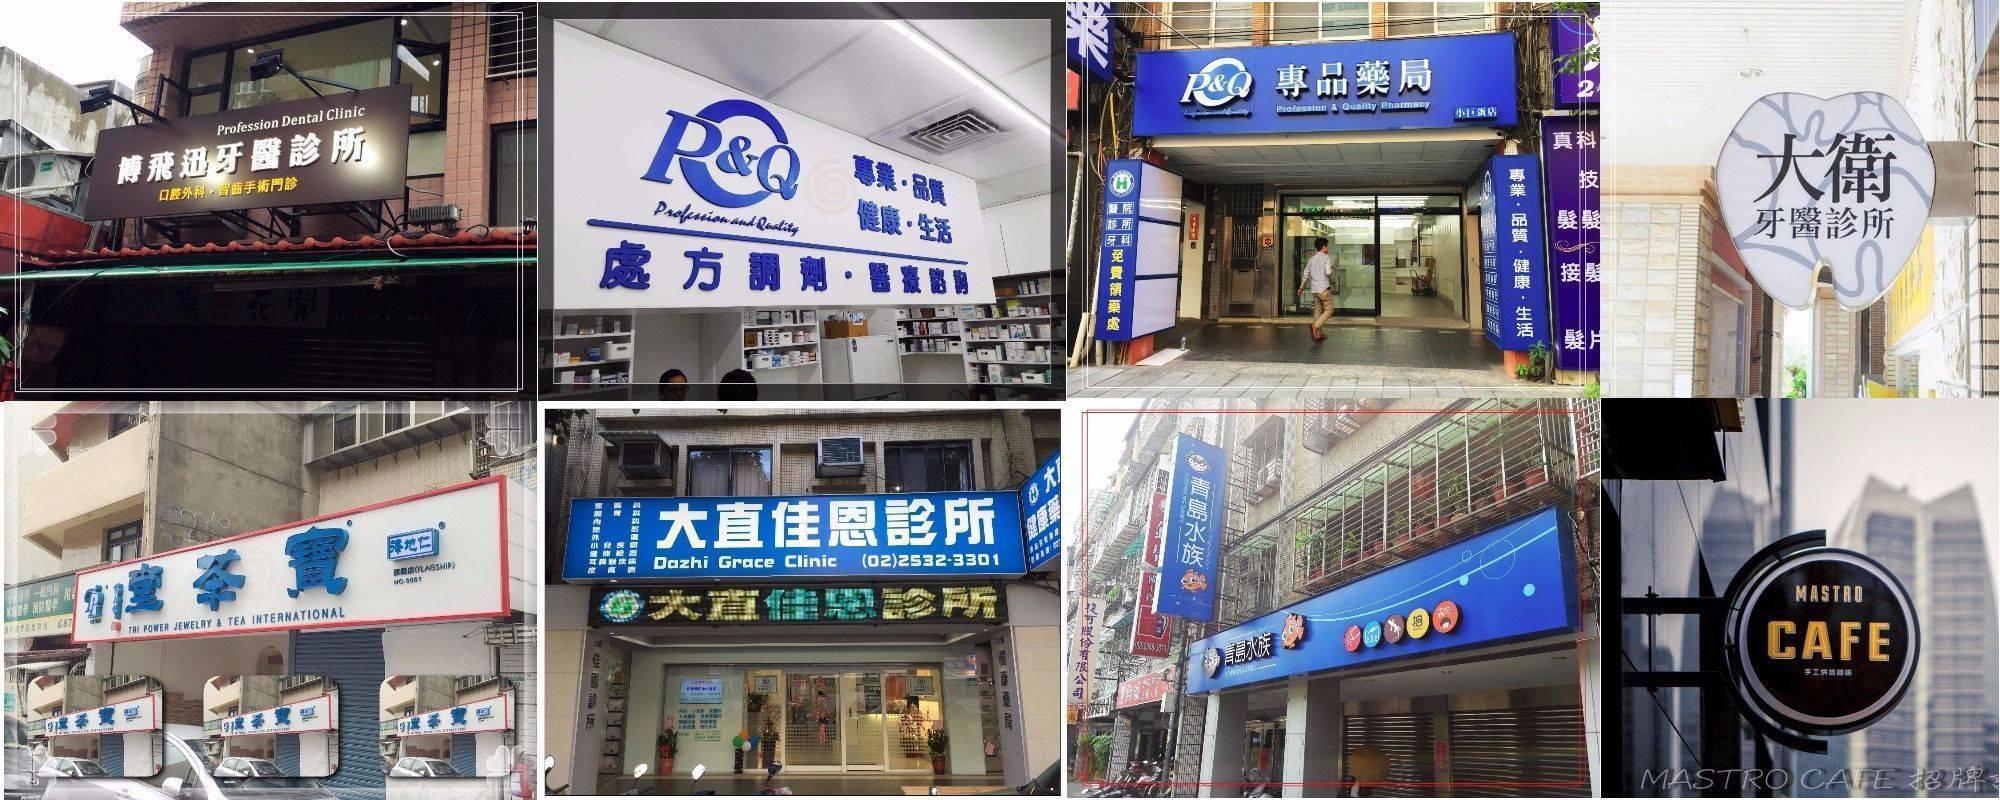 台北招牌|招牌設計|招牌廣告|招牌製作|LED